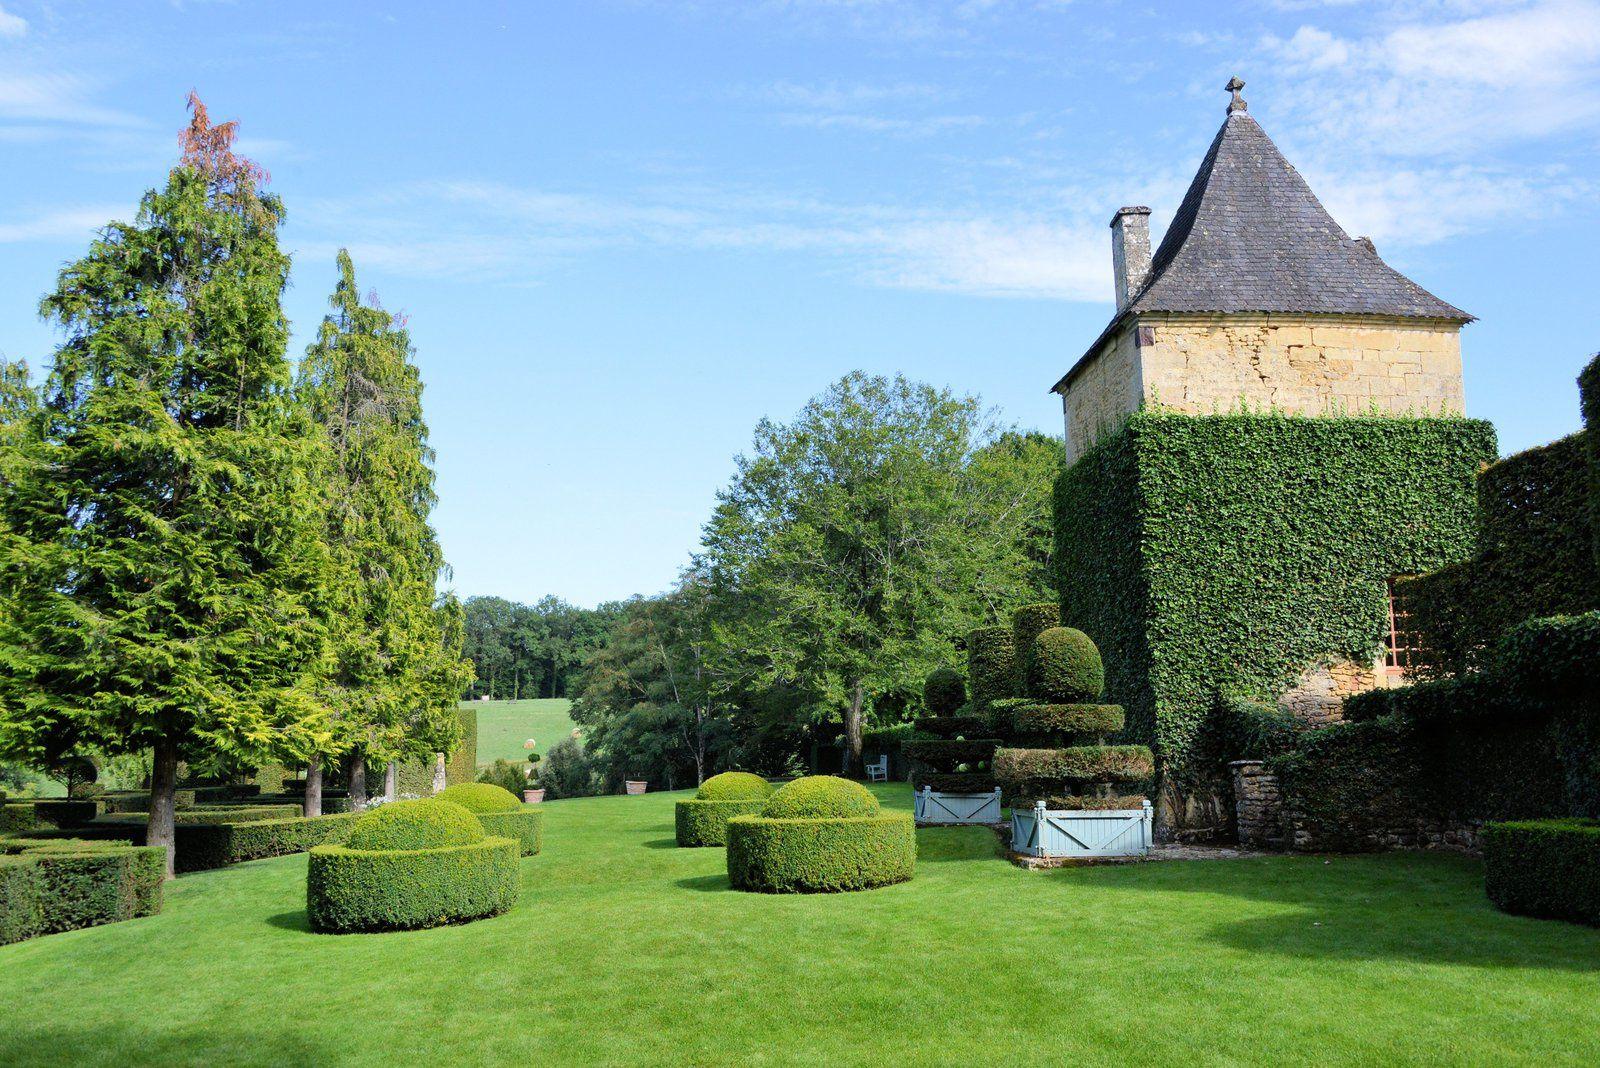 Le 29 juillet : Les jardins du Manoir d'Eyrignac entre Sarlat et Lascaux.